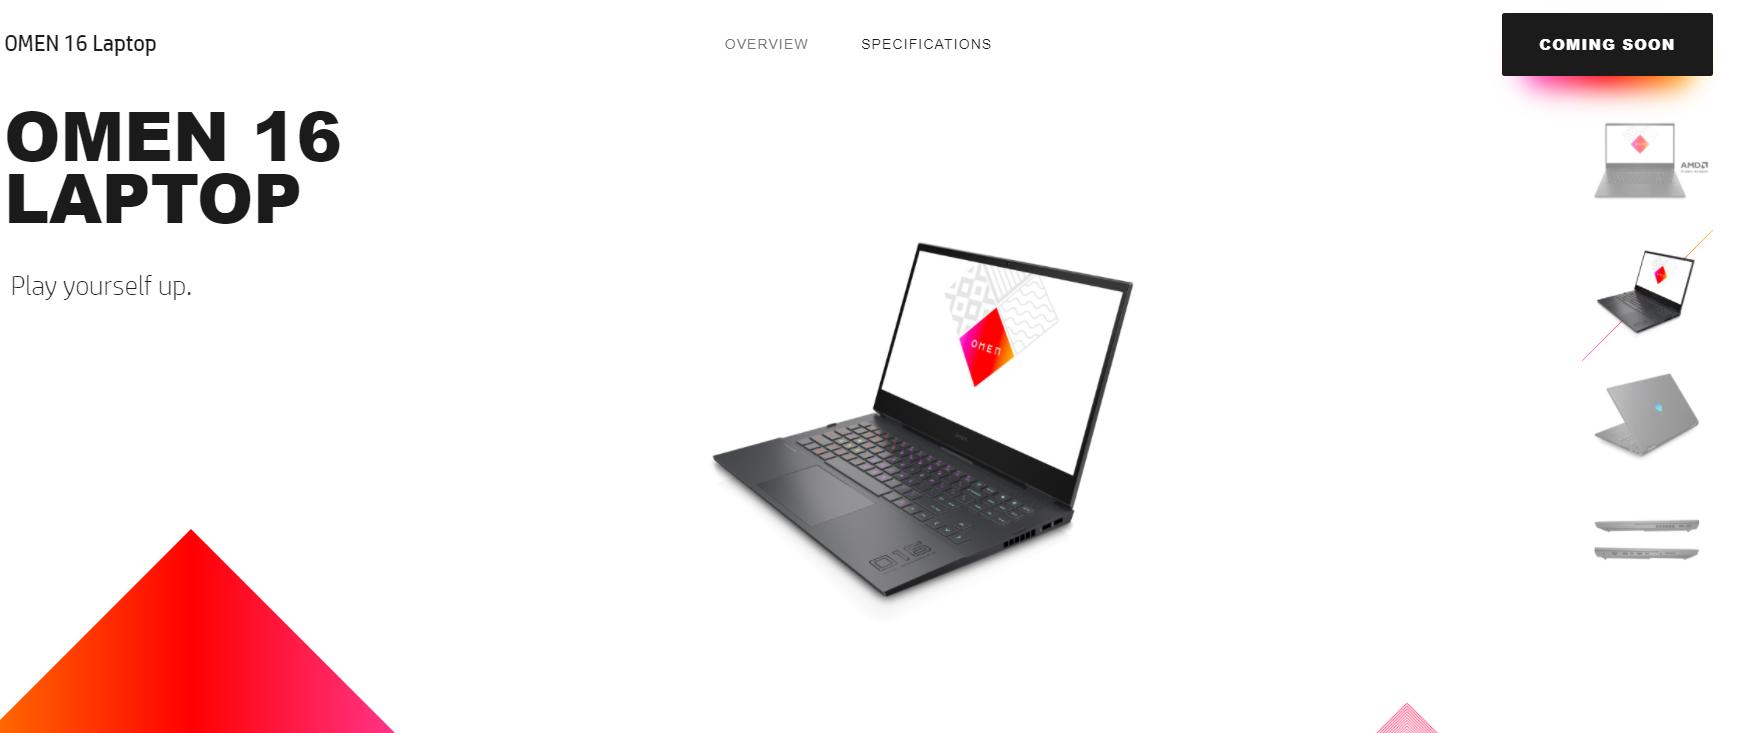 كل خصائص ومميزات الحاسوب القوي HP OMEN 16 2021